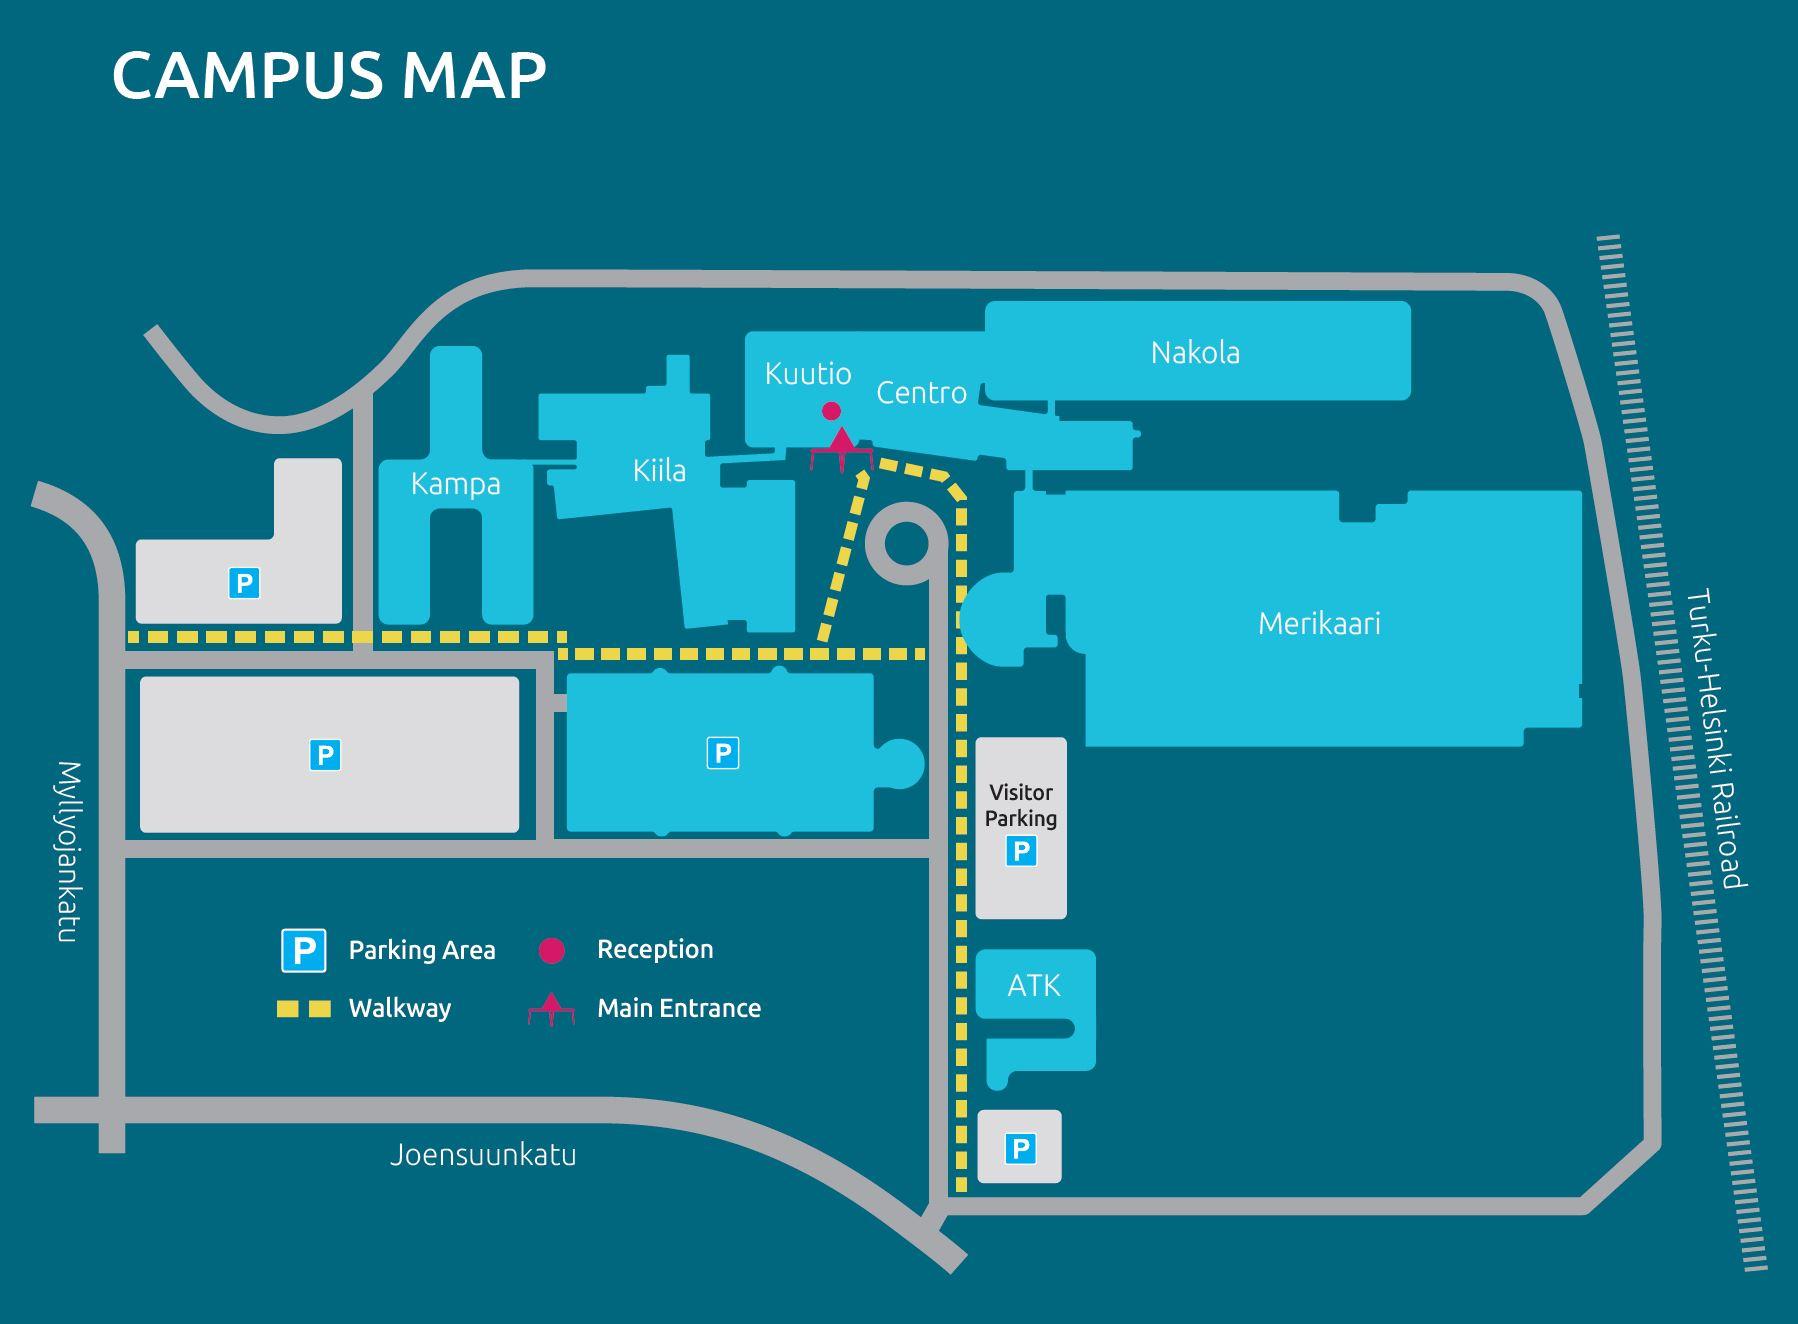 Salo Iot Campus Turun Ammattikorkeakoulu